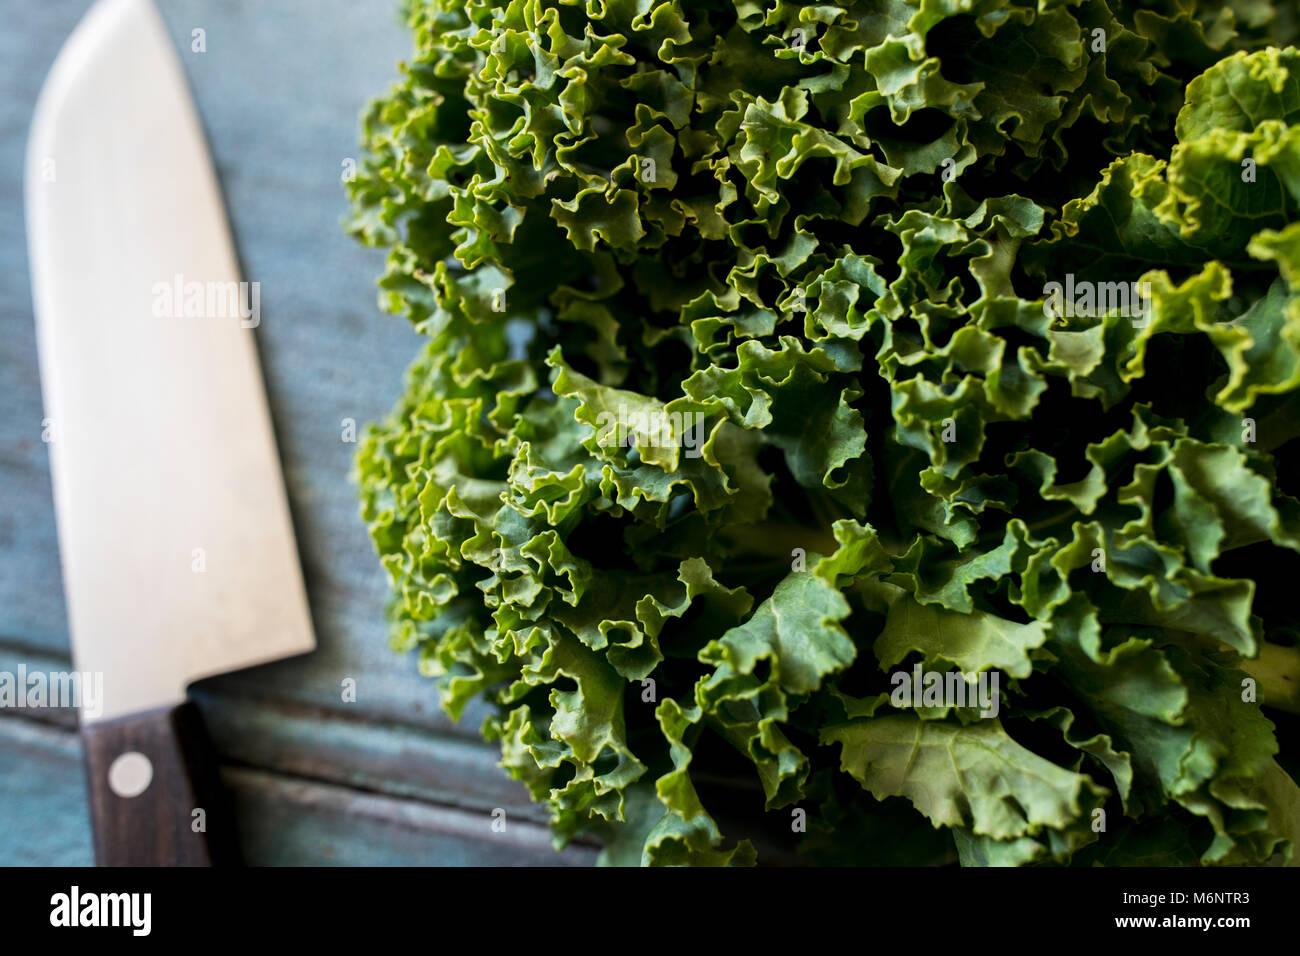 Nahaufnahme von frischen Grünkohl am Tisch mit Messer Stockbild